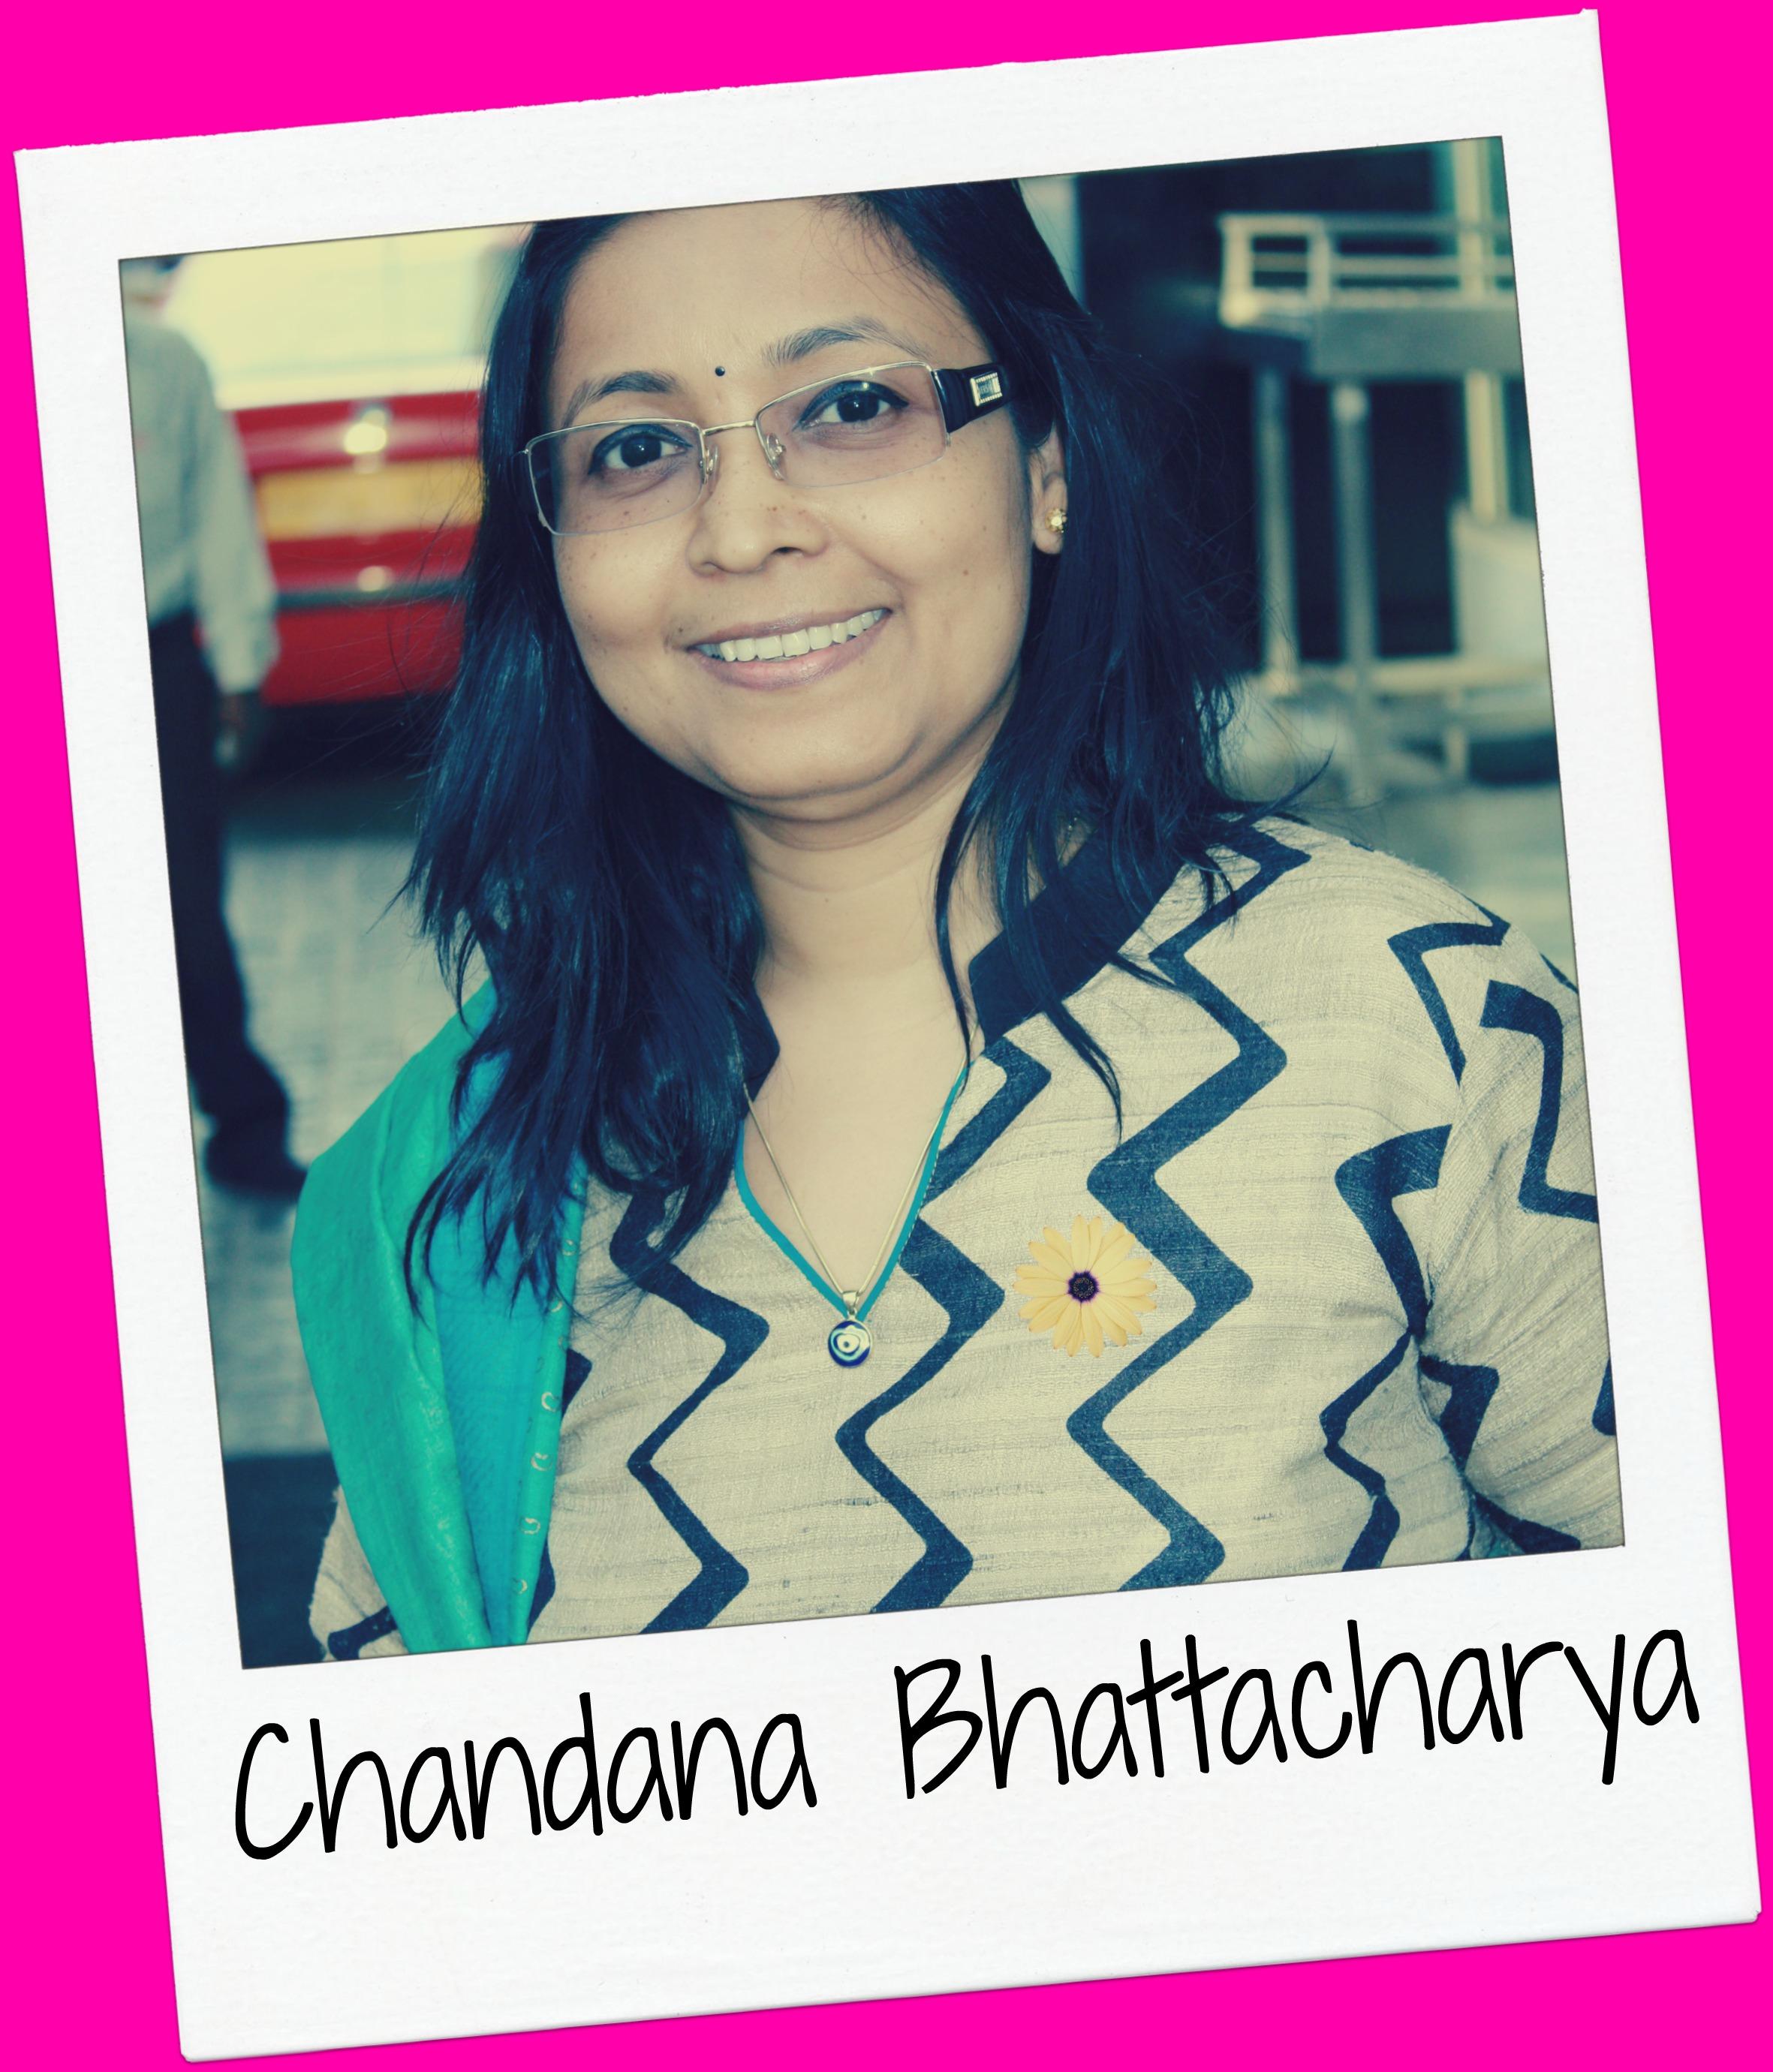 Chandana3.jpg